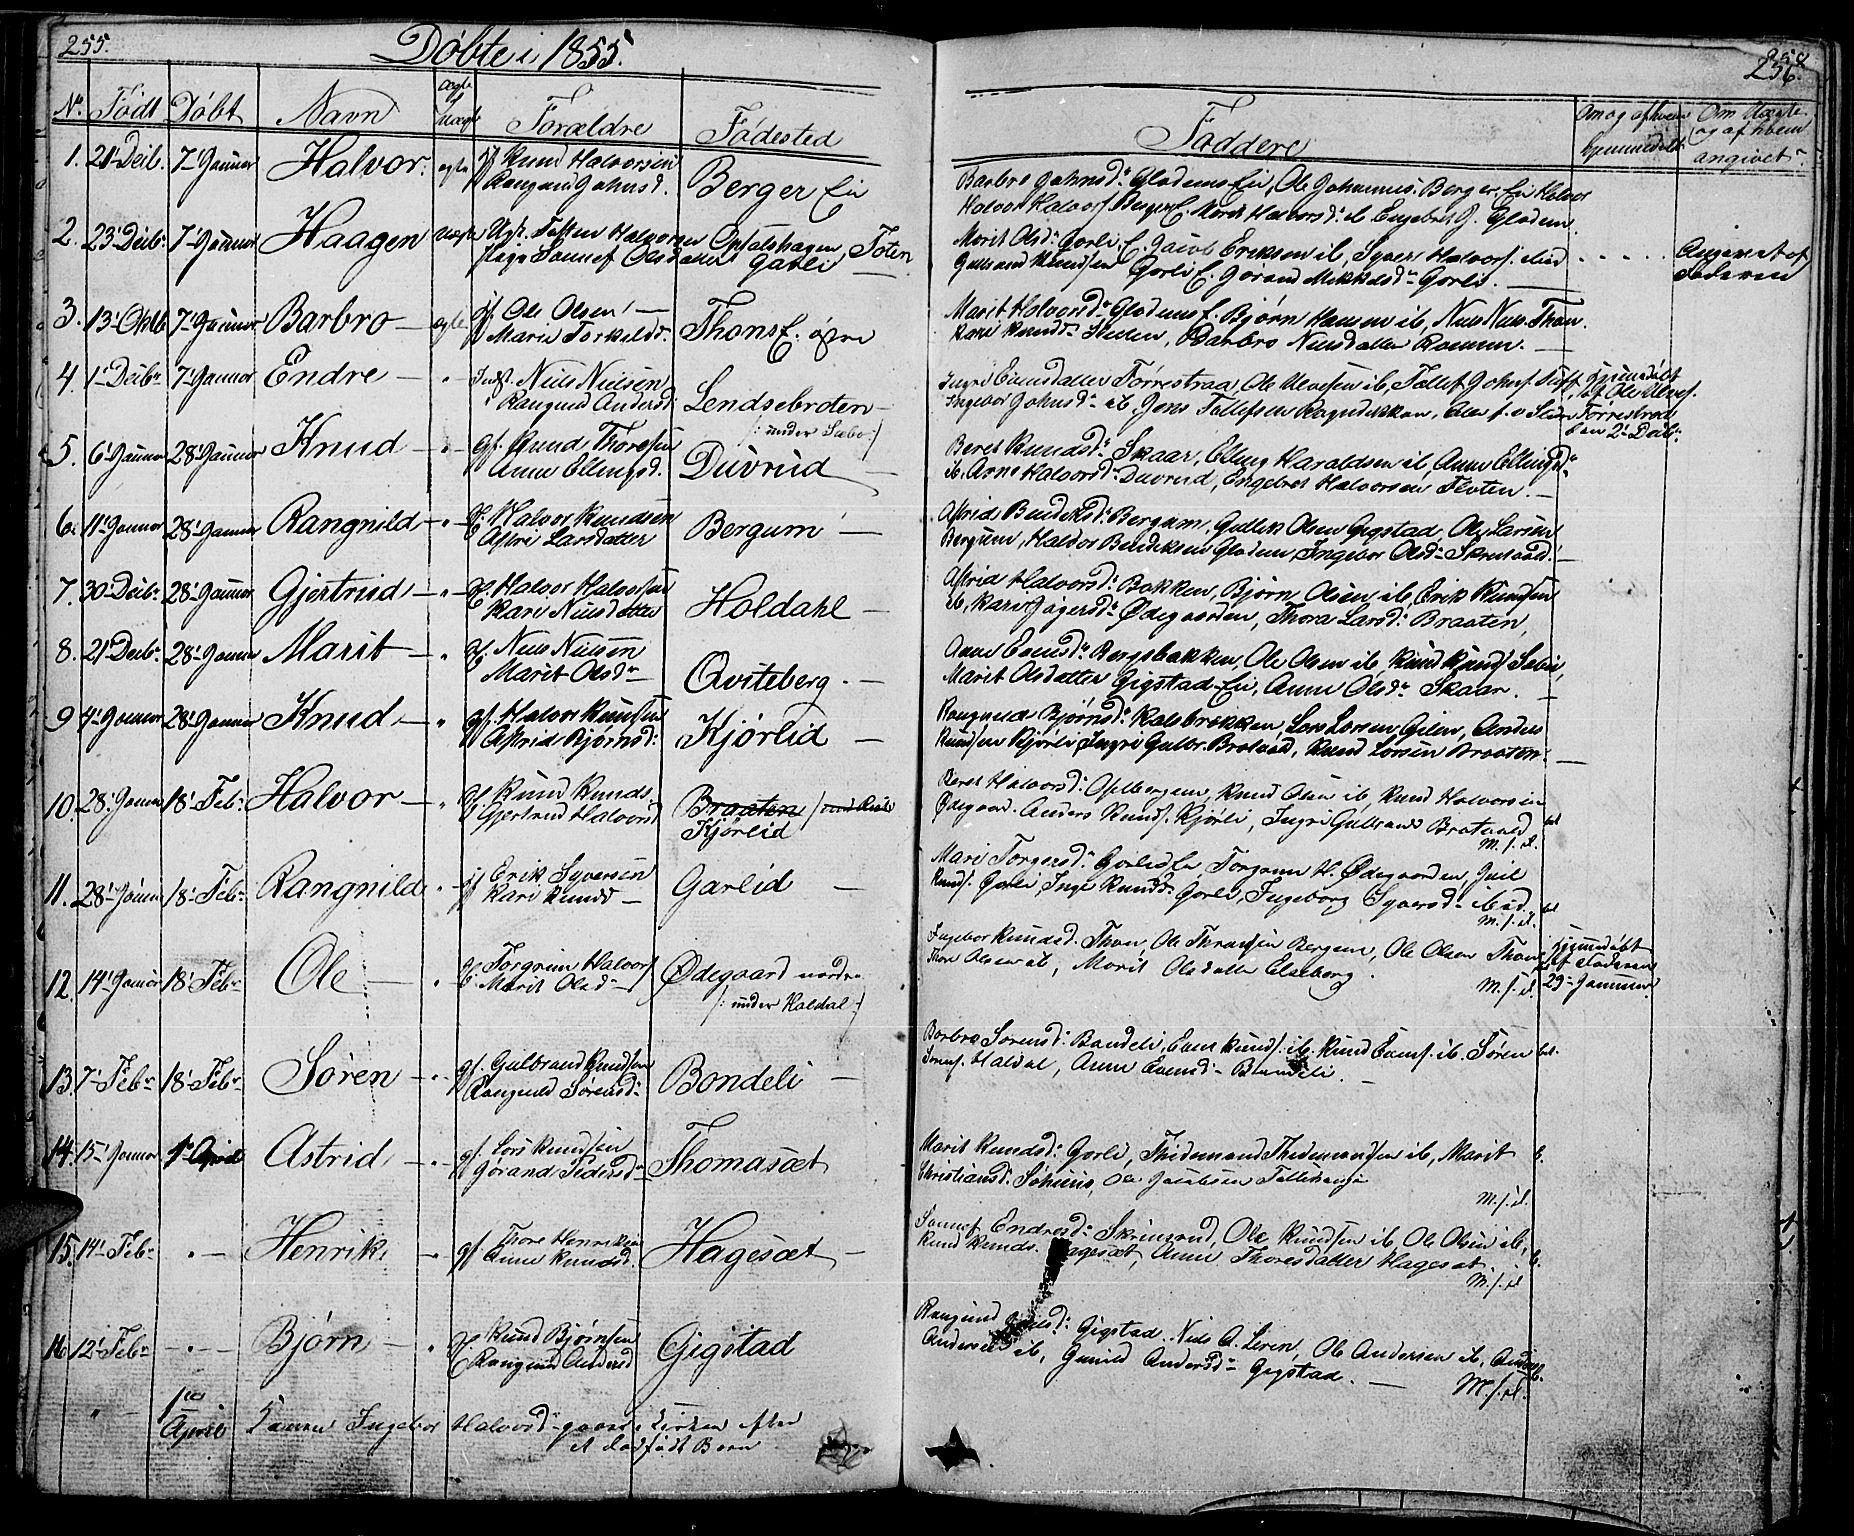 SAH, Nord-Aurdal prestekontor, Klokkerbok nr. 1, 1834-1887, s. 255-256